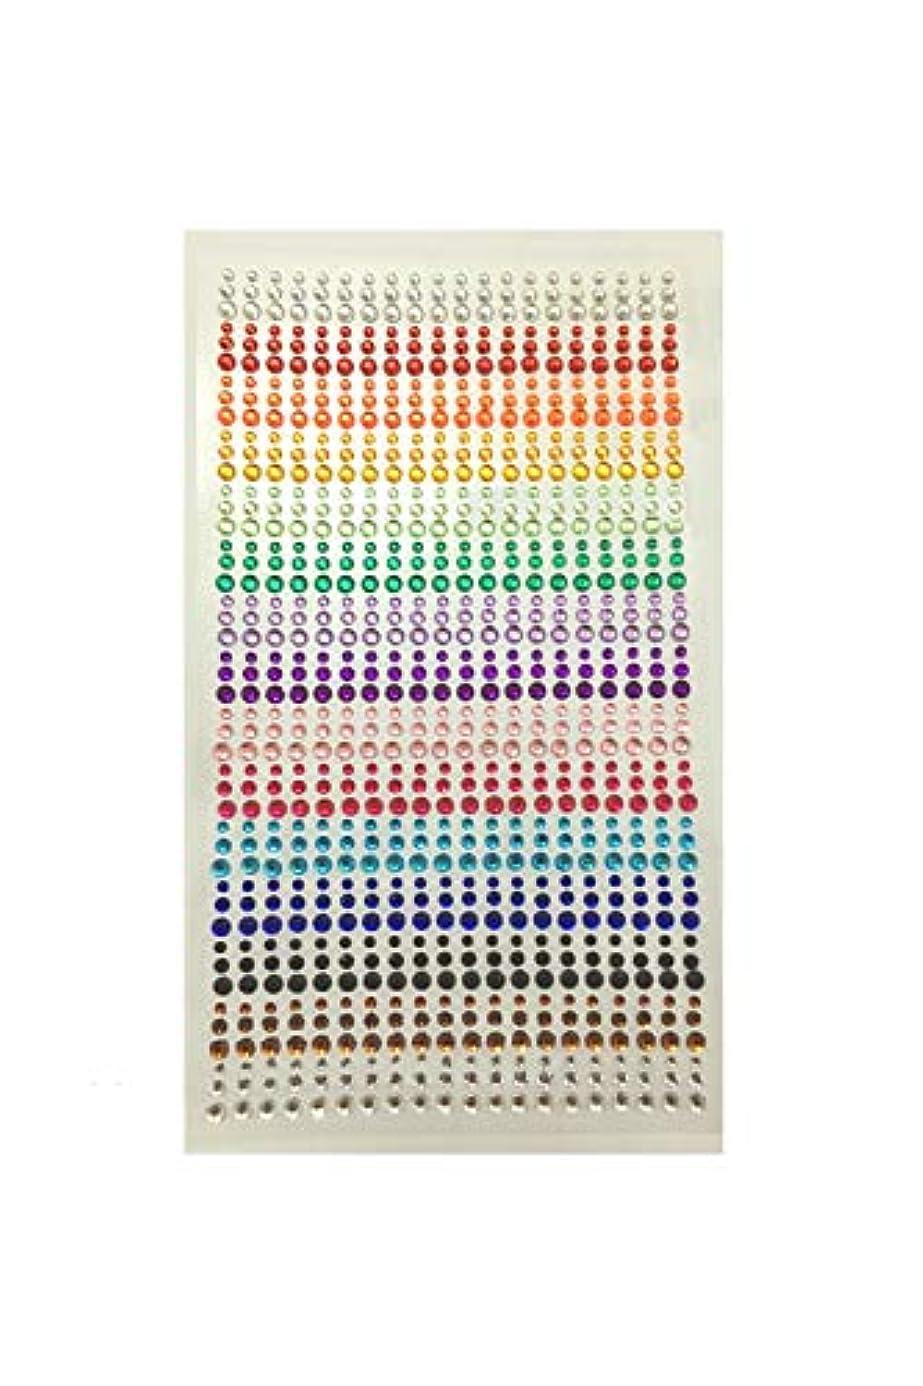 拷問インテリアそれによって[FUPUSUN] ラインストーン シール ネイル デコレーション パーツ 15色 900粒 3シート (15色)